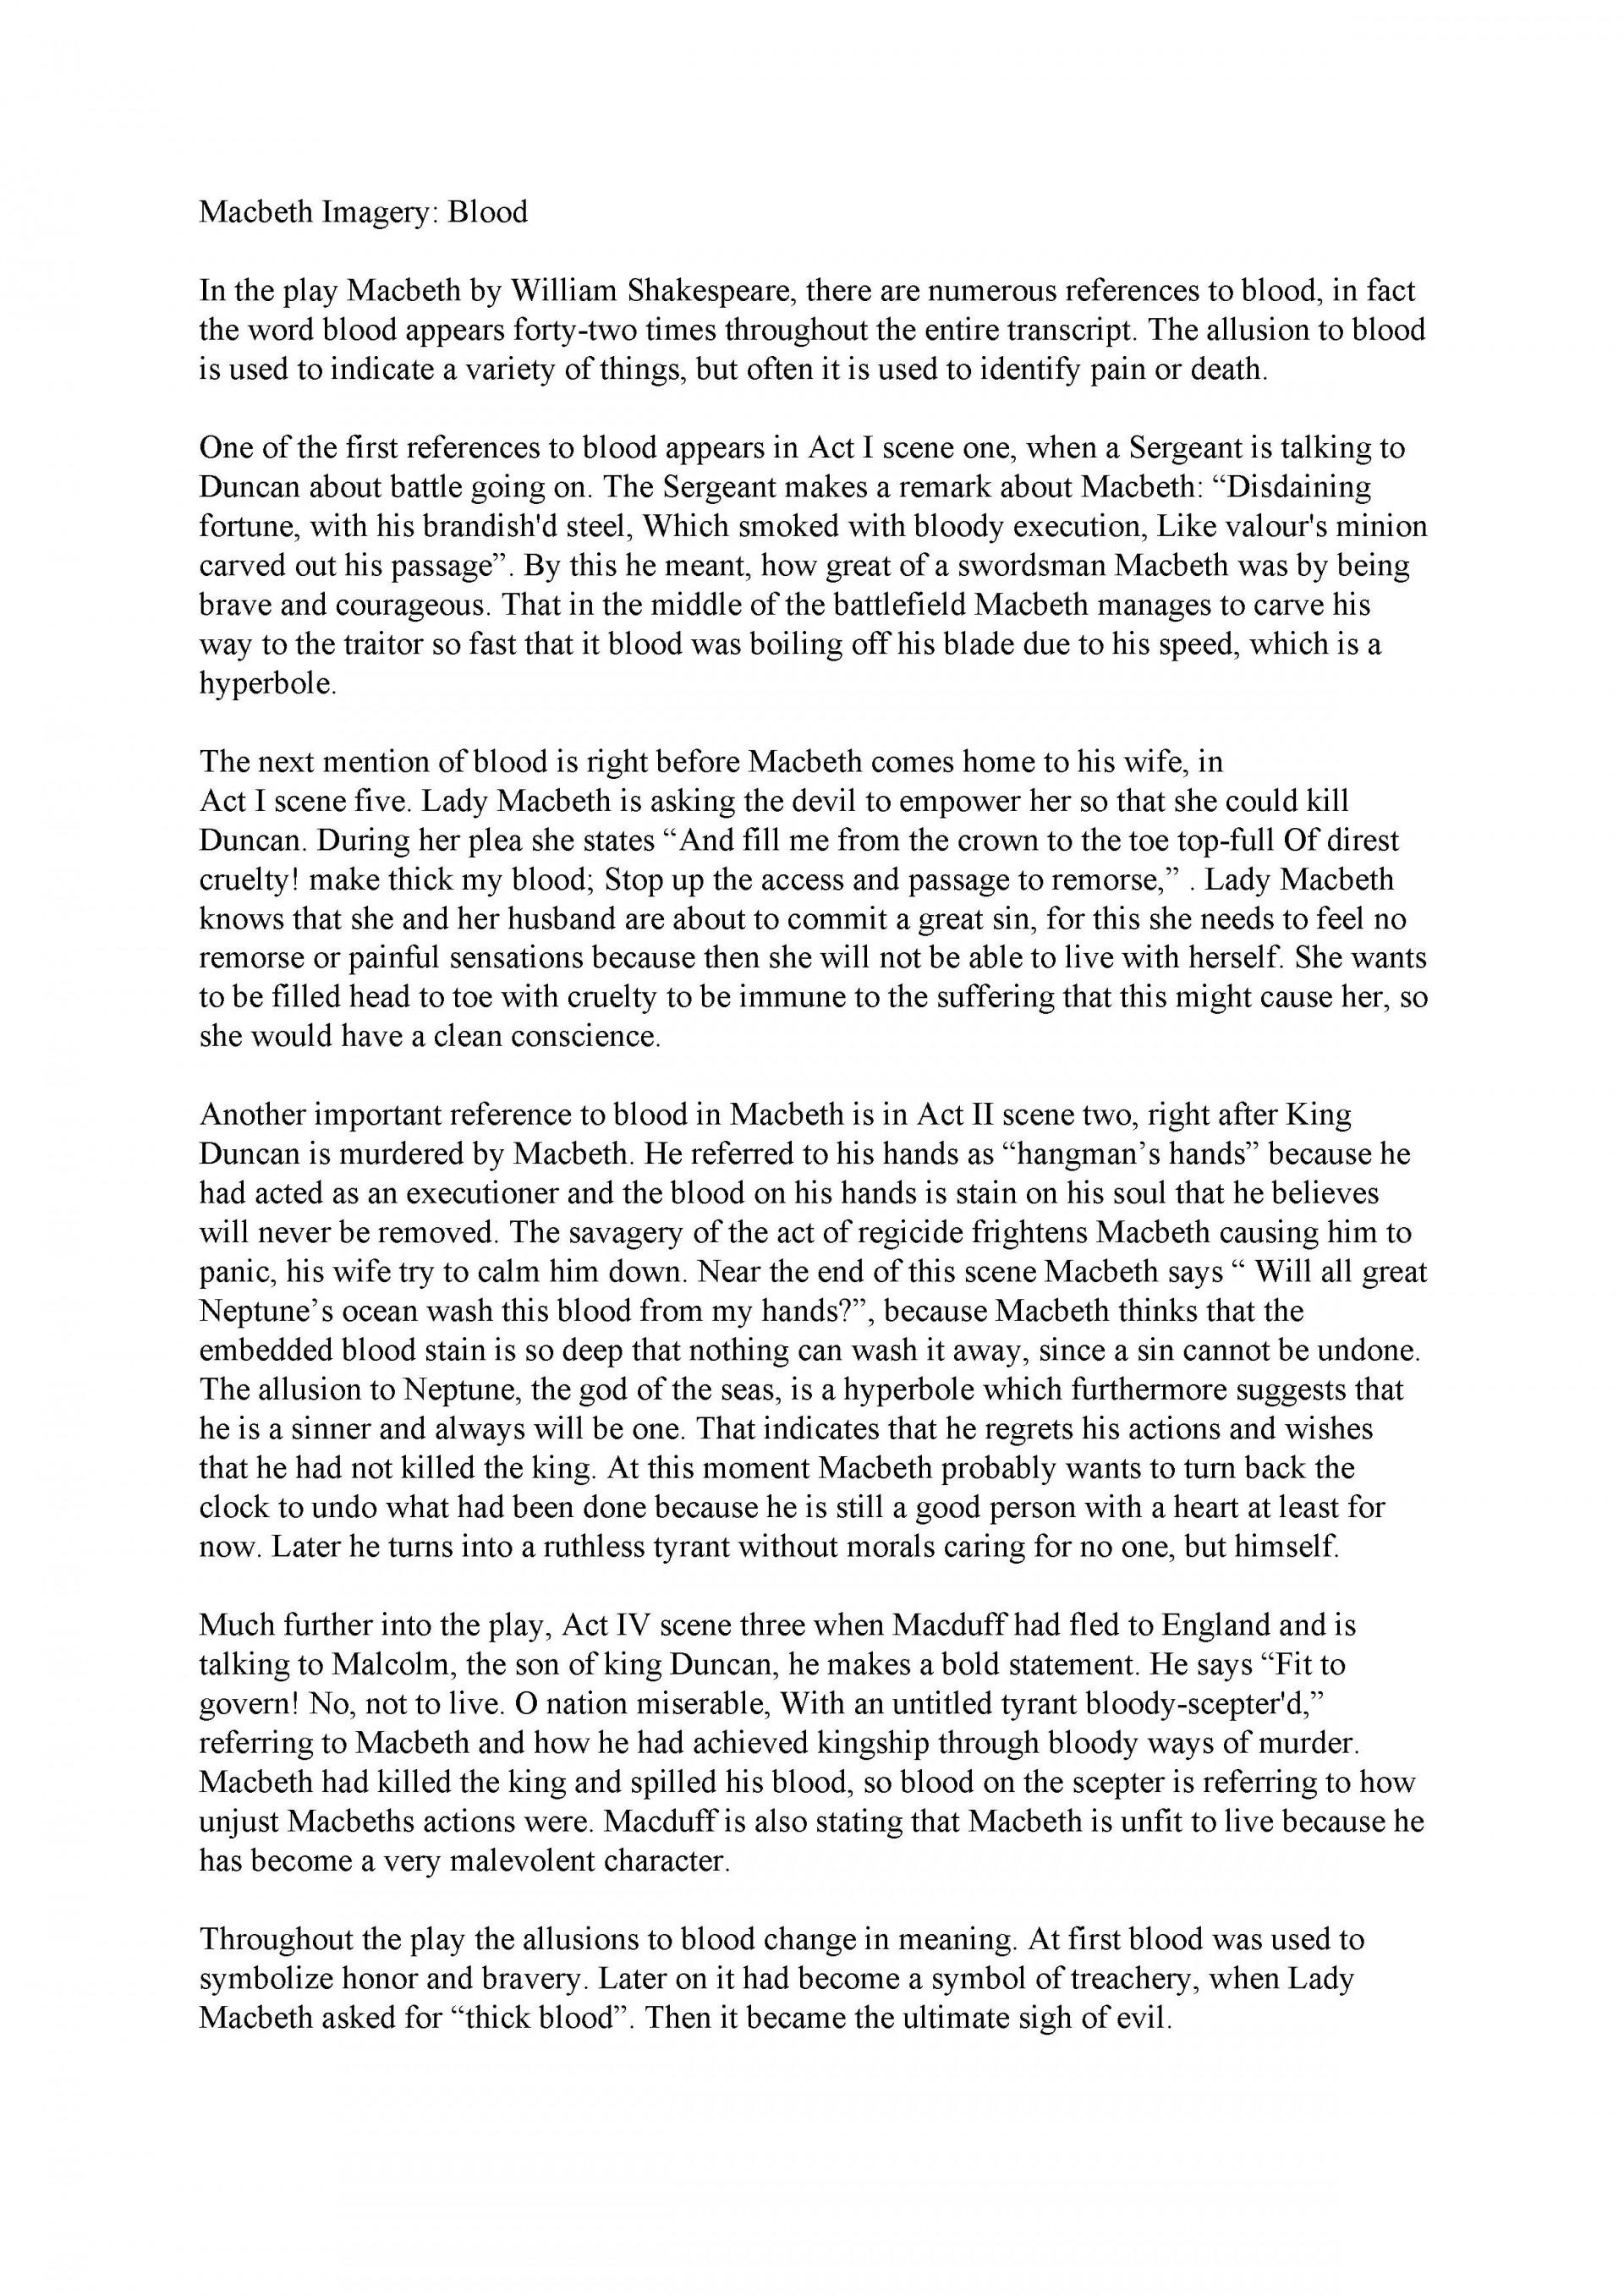 009 Macbeth Essay Sample Rutgers Application Fantastic Topics Example 1920